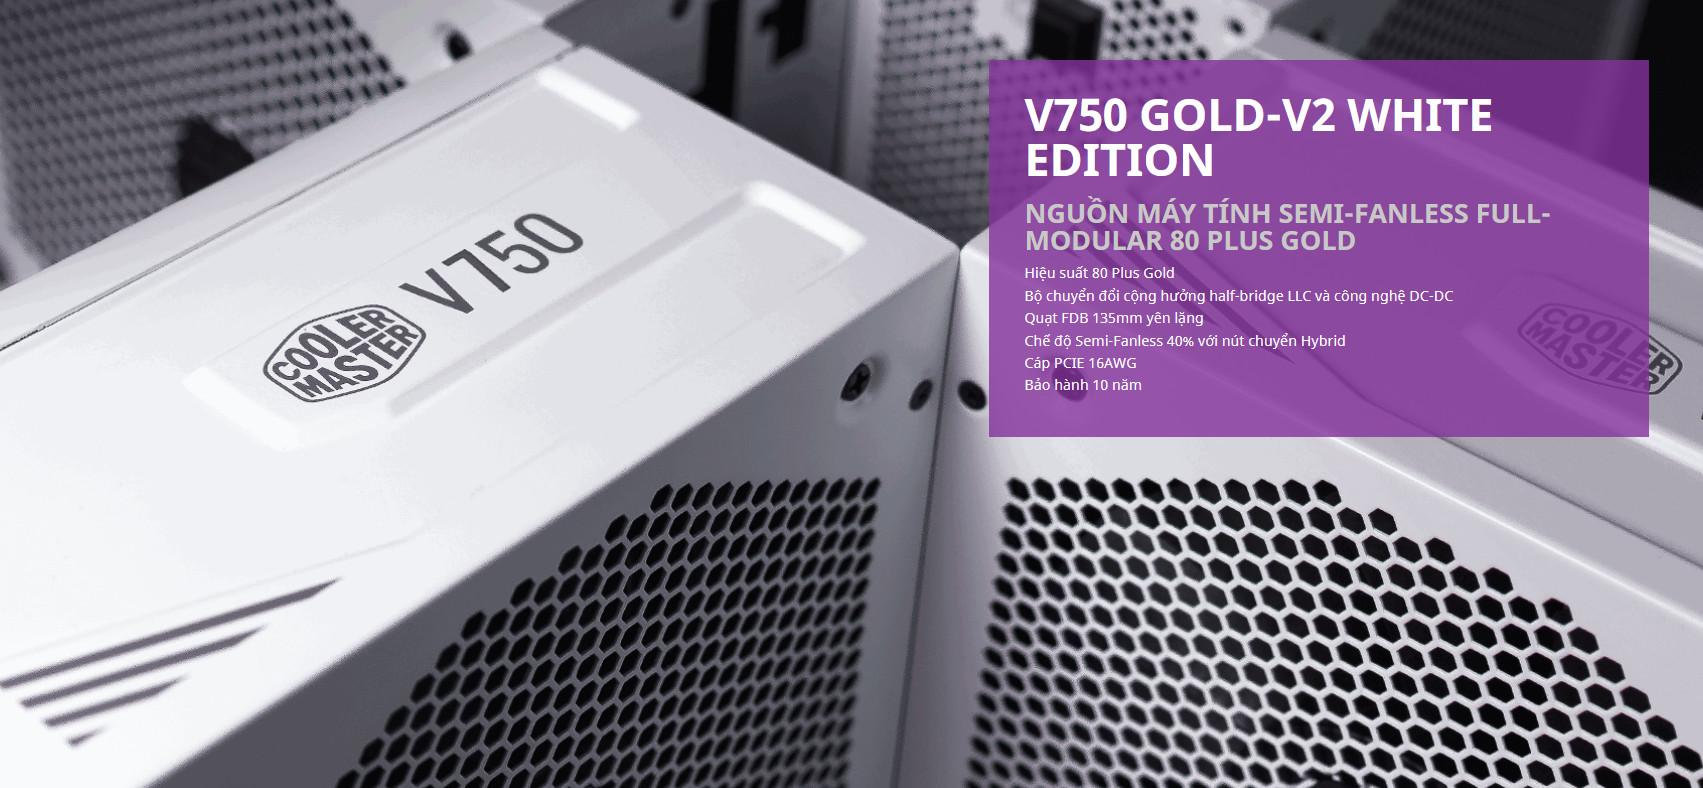 Nguồn máy tính Cooler Master 750W V Gold V2 White (80 Plus Gold/Màu Trắng) giới thiệu